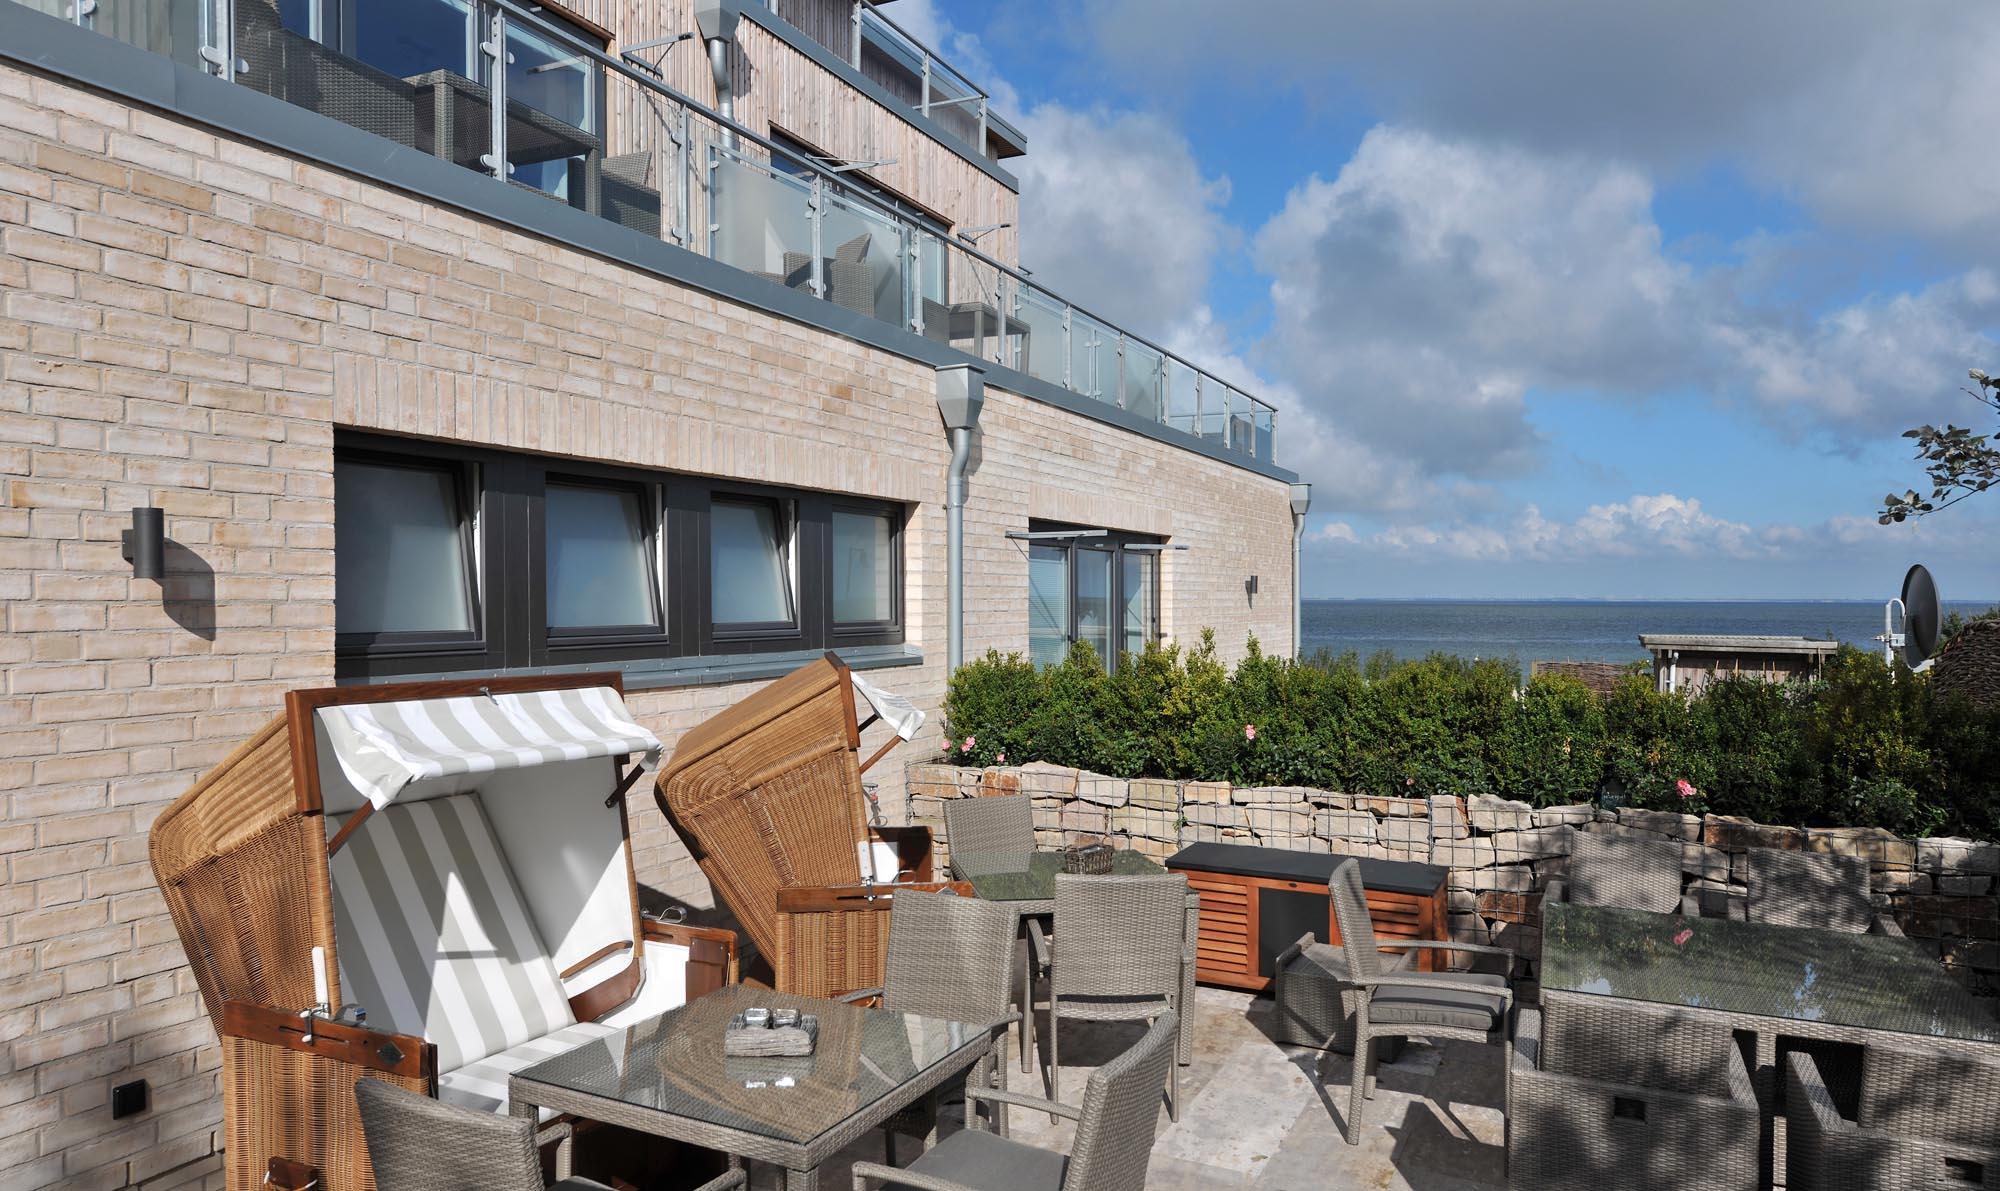 h ft bau sylt list hotel strand. Black Bedroom Furniture Sets. Home Design Ideas